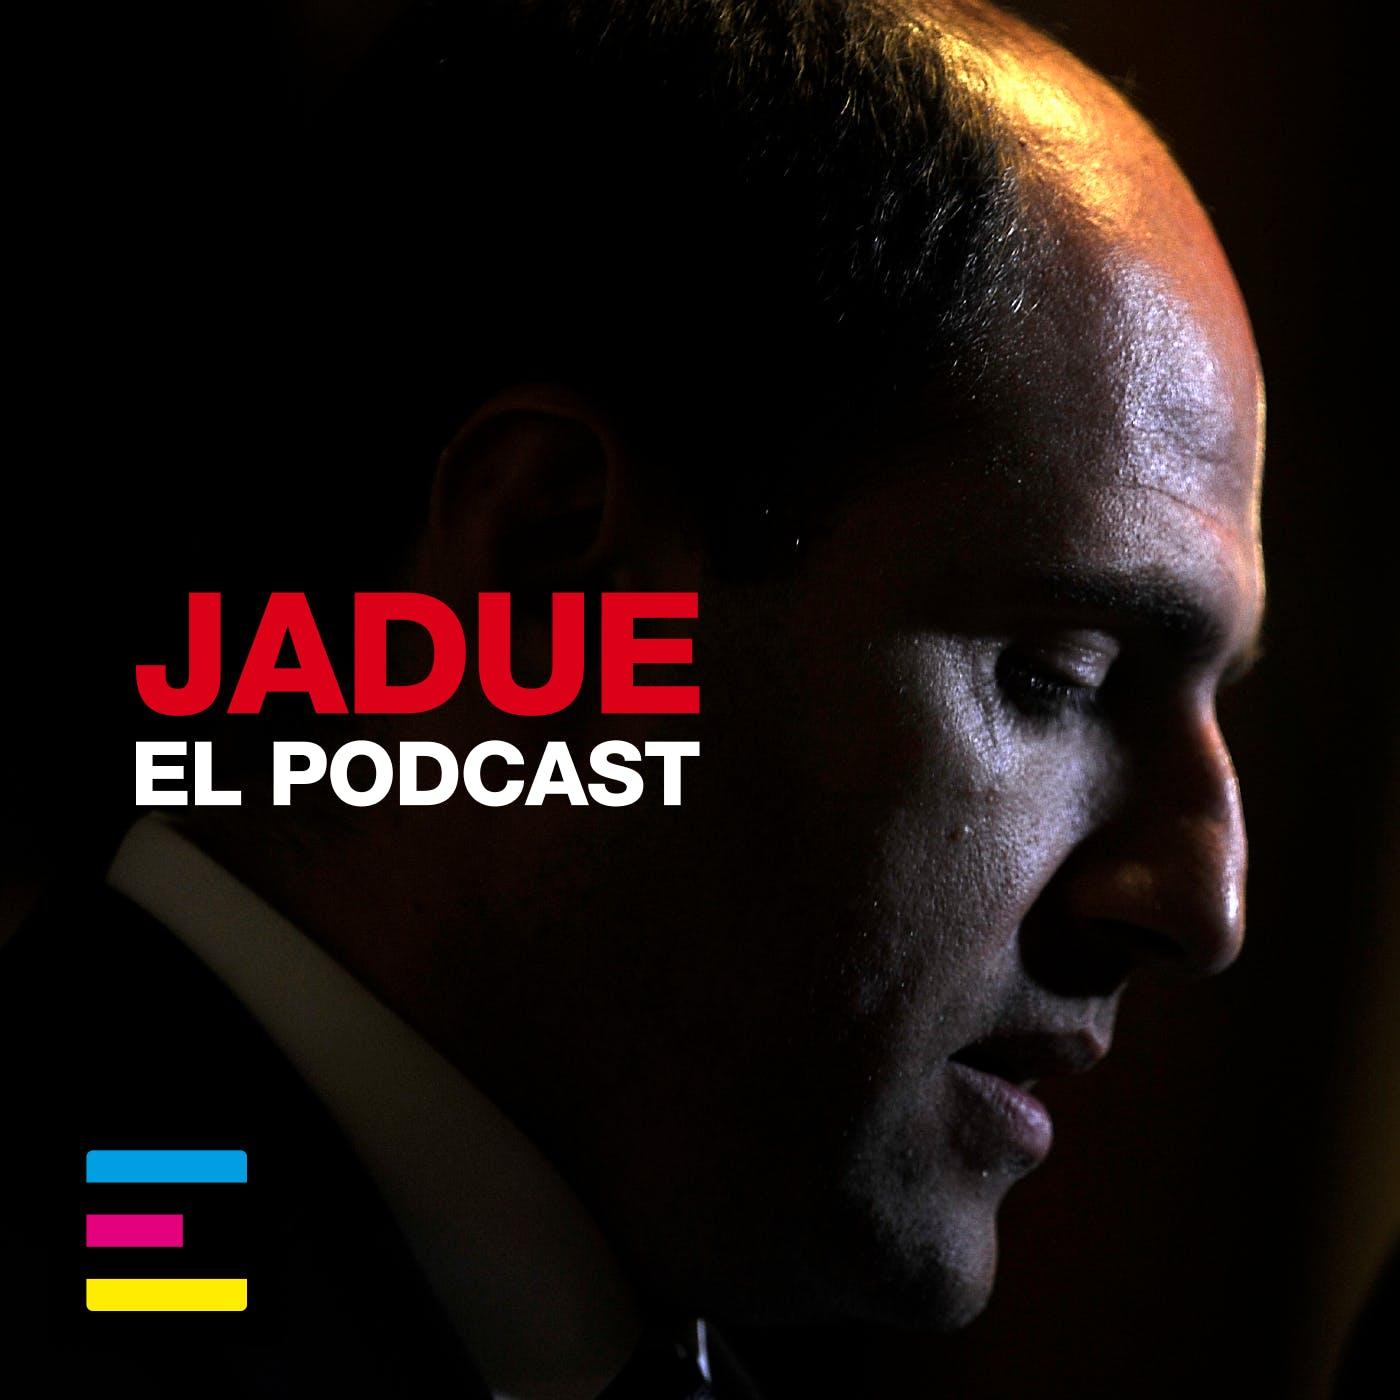 Jadue, el Podcast